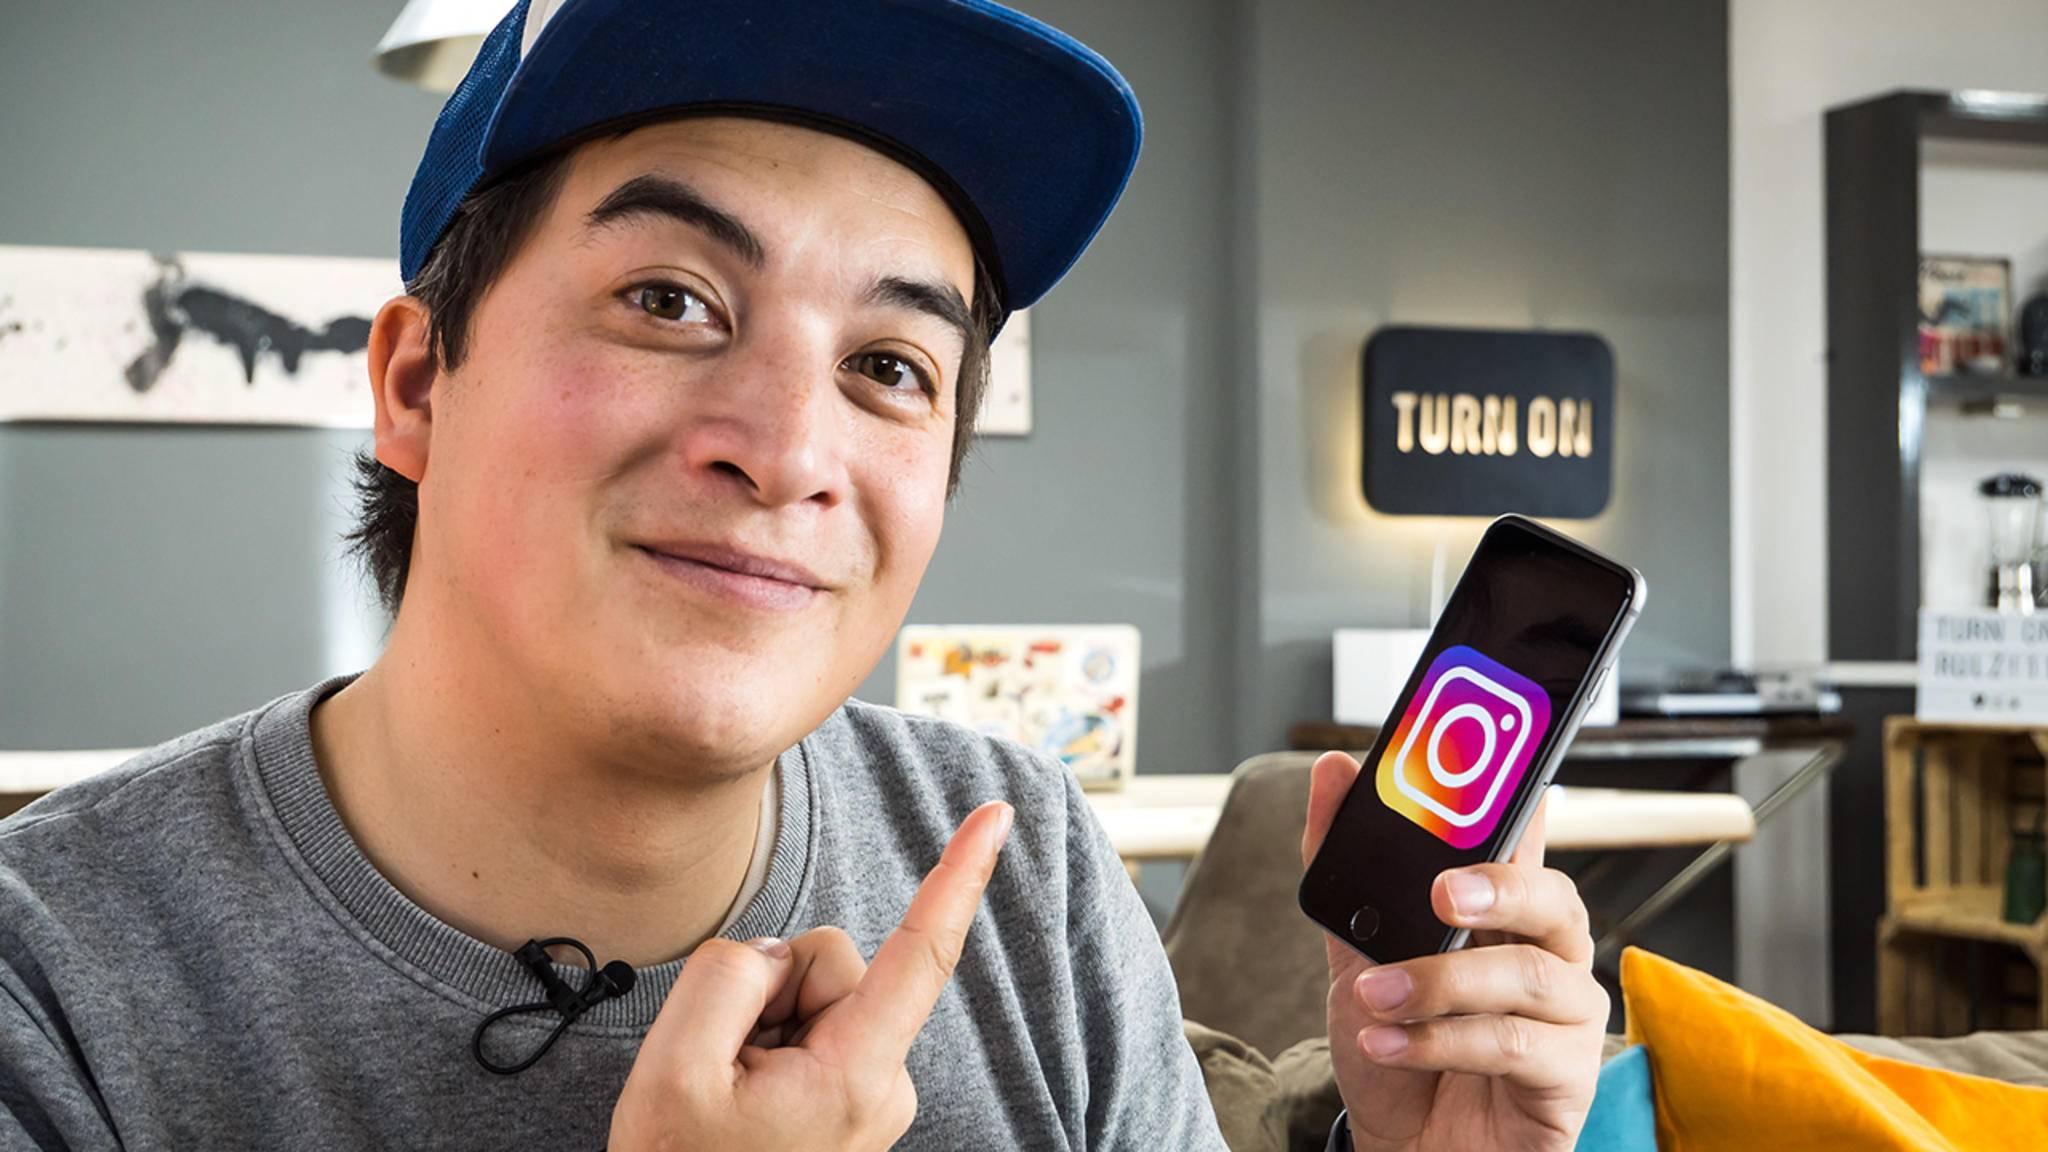 Wir erklären, wie Du Deinen Instagram-Account löschen kannst.